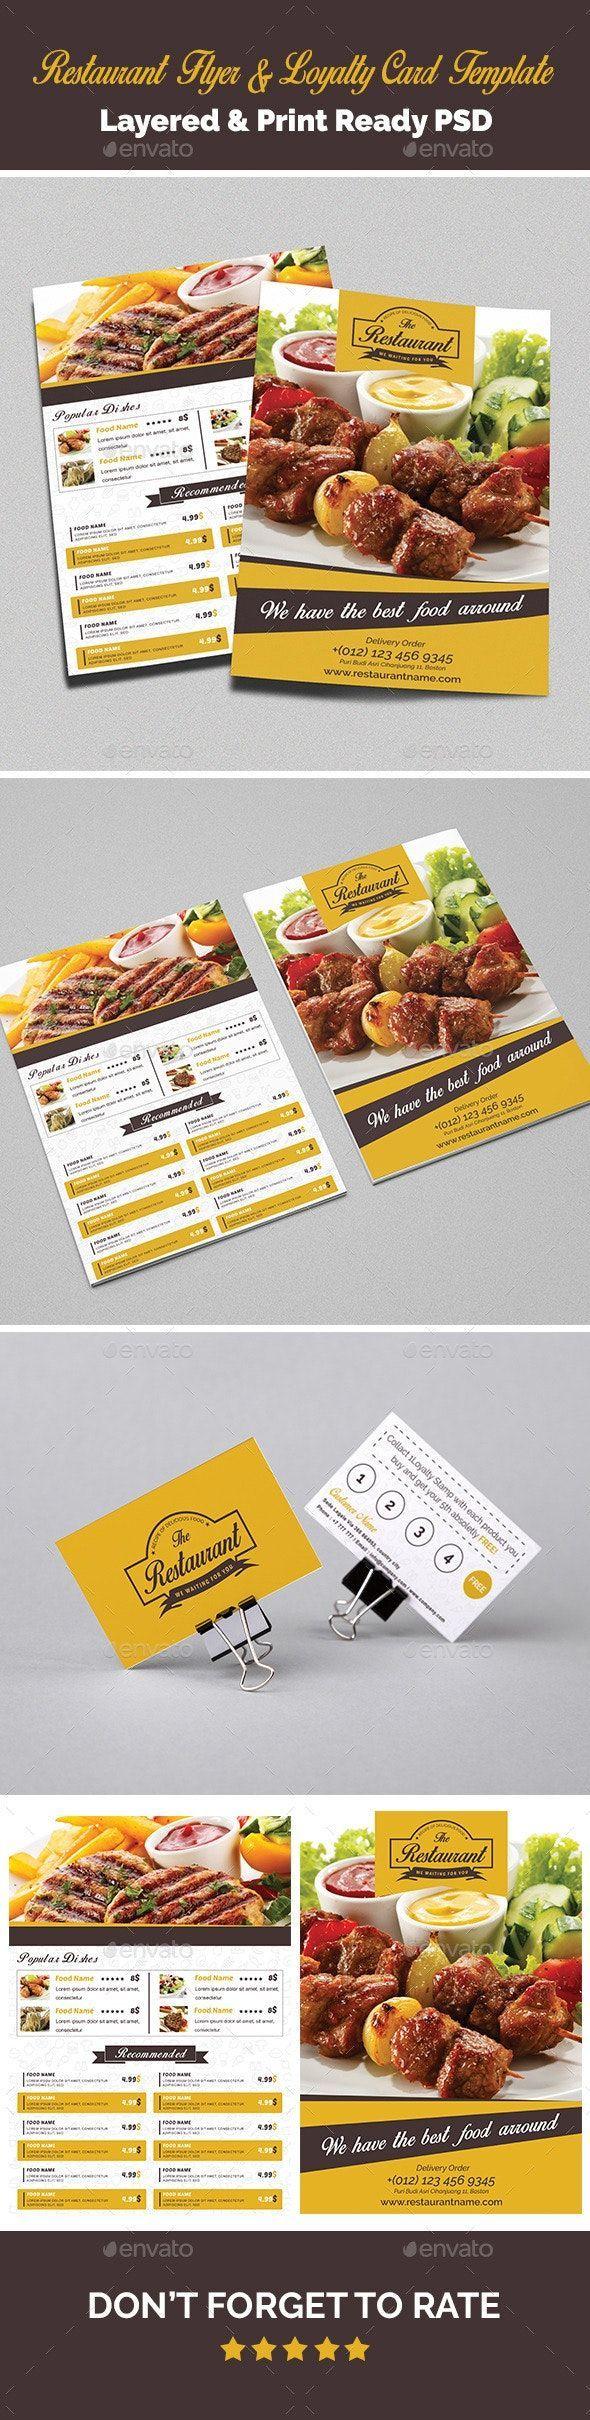 Vorlage Fur Restaurant Flyer Und Kundenkarten Ad Amp Aff Flyer Restaurant T Logo Templates Design Aff Amp Design Flyer Sandwich Restaurant